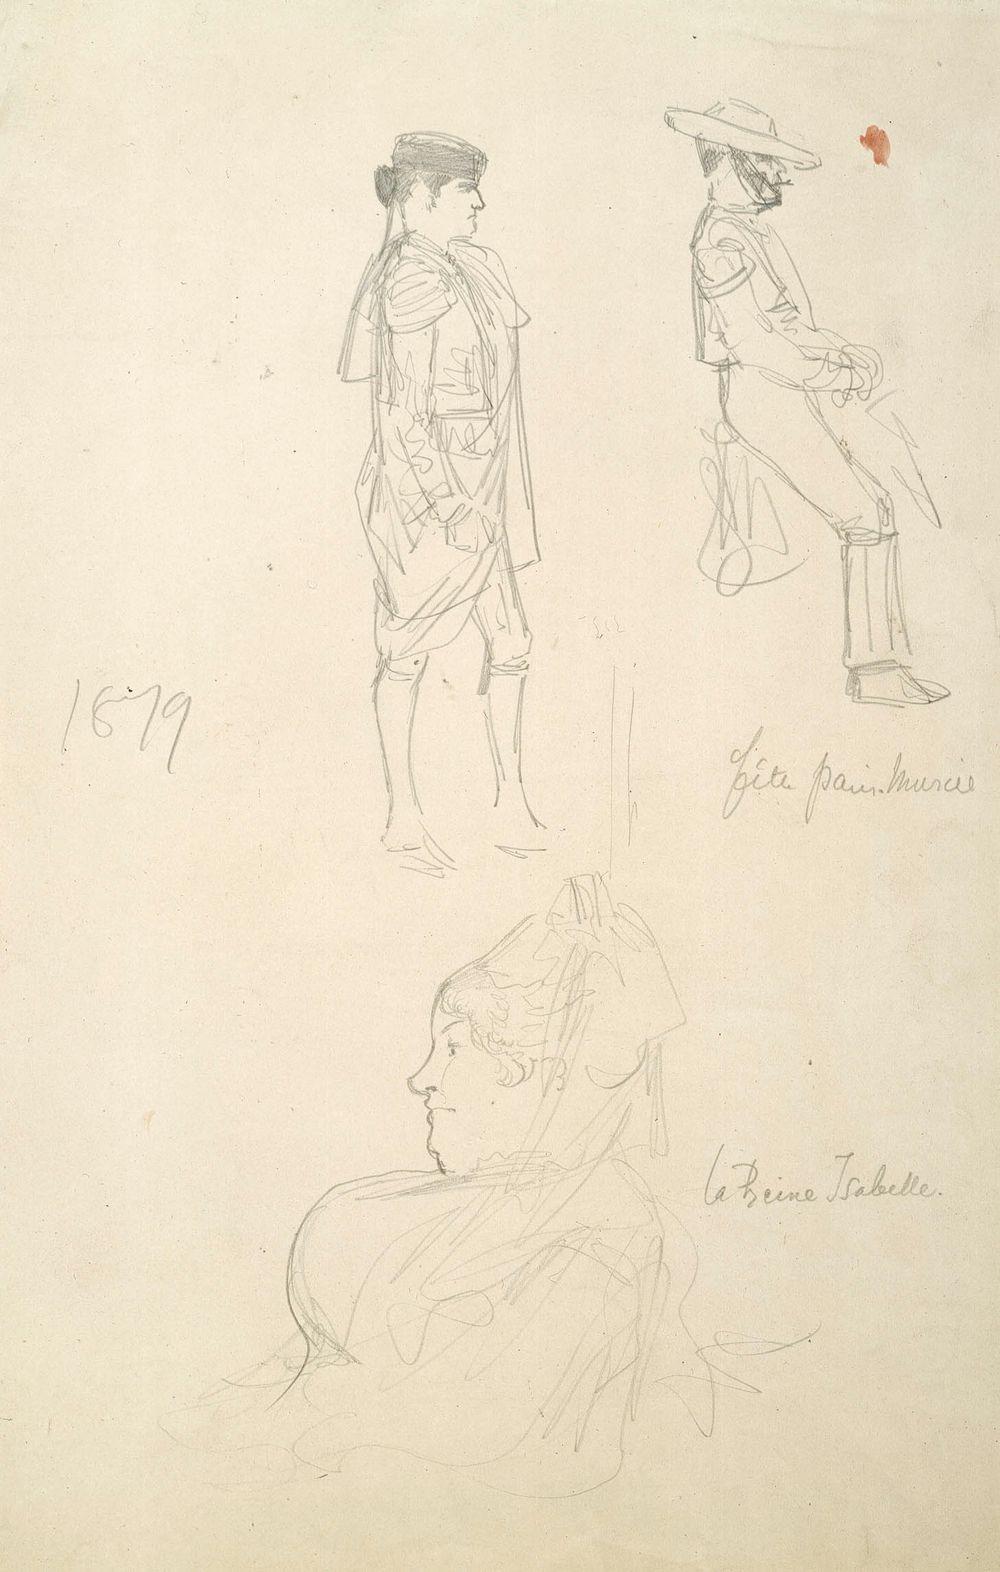 La Reine Isabella, harjoitelma sekä kaksi espanjalaista toreadoria